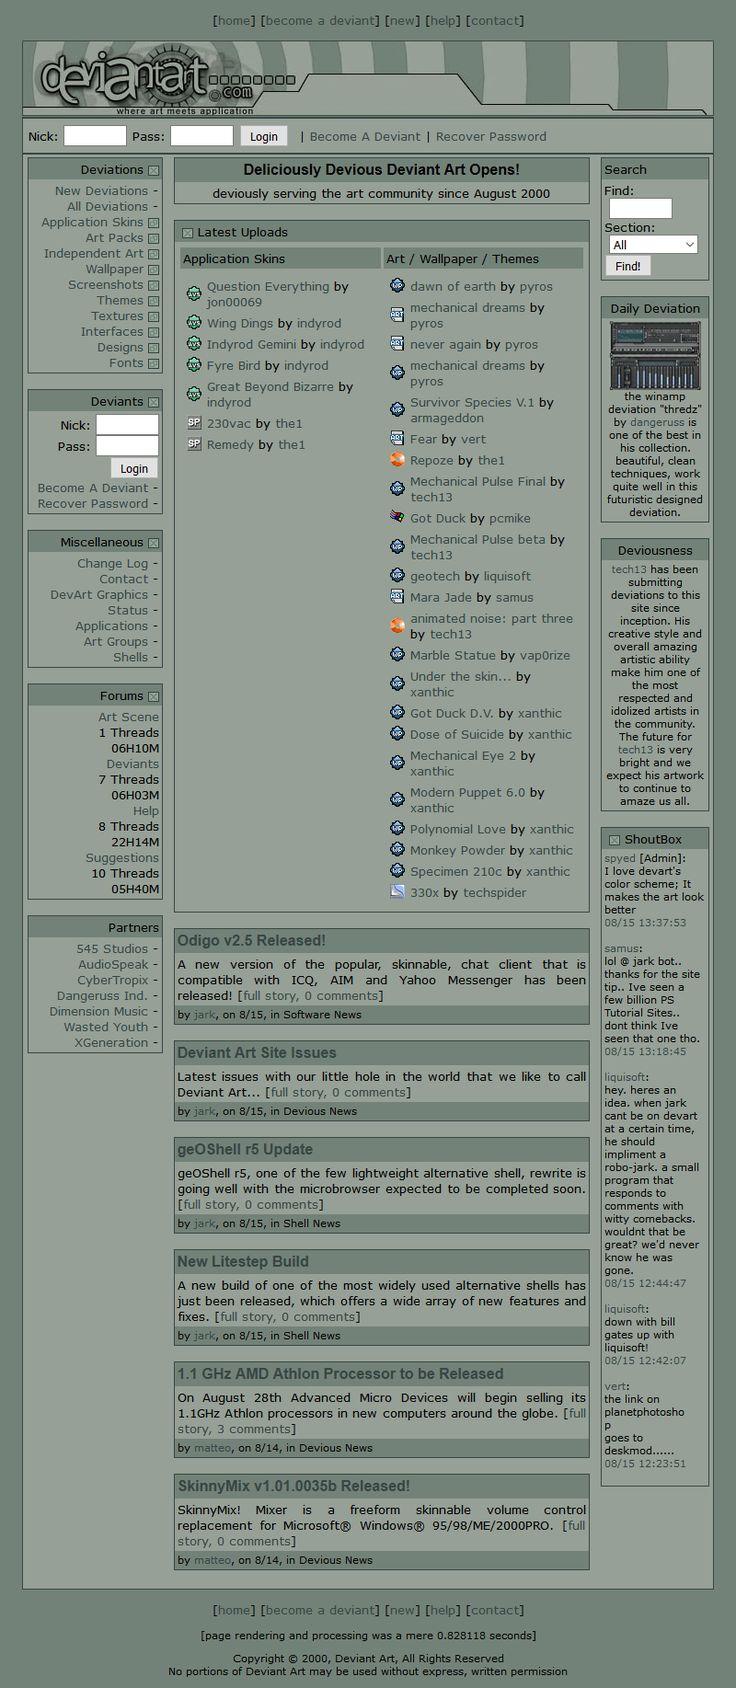 Deviant Art website in 2000